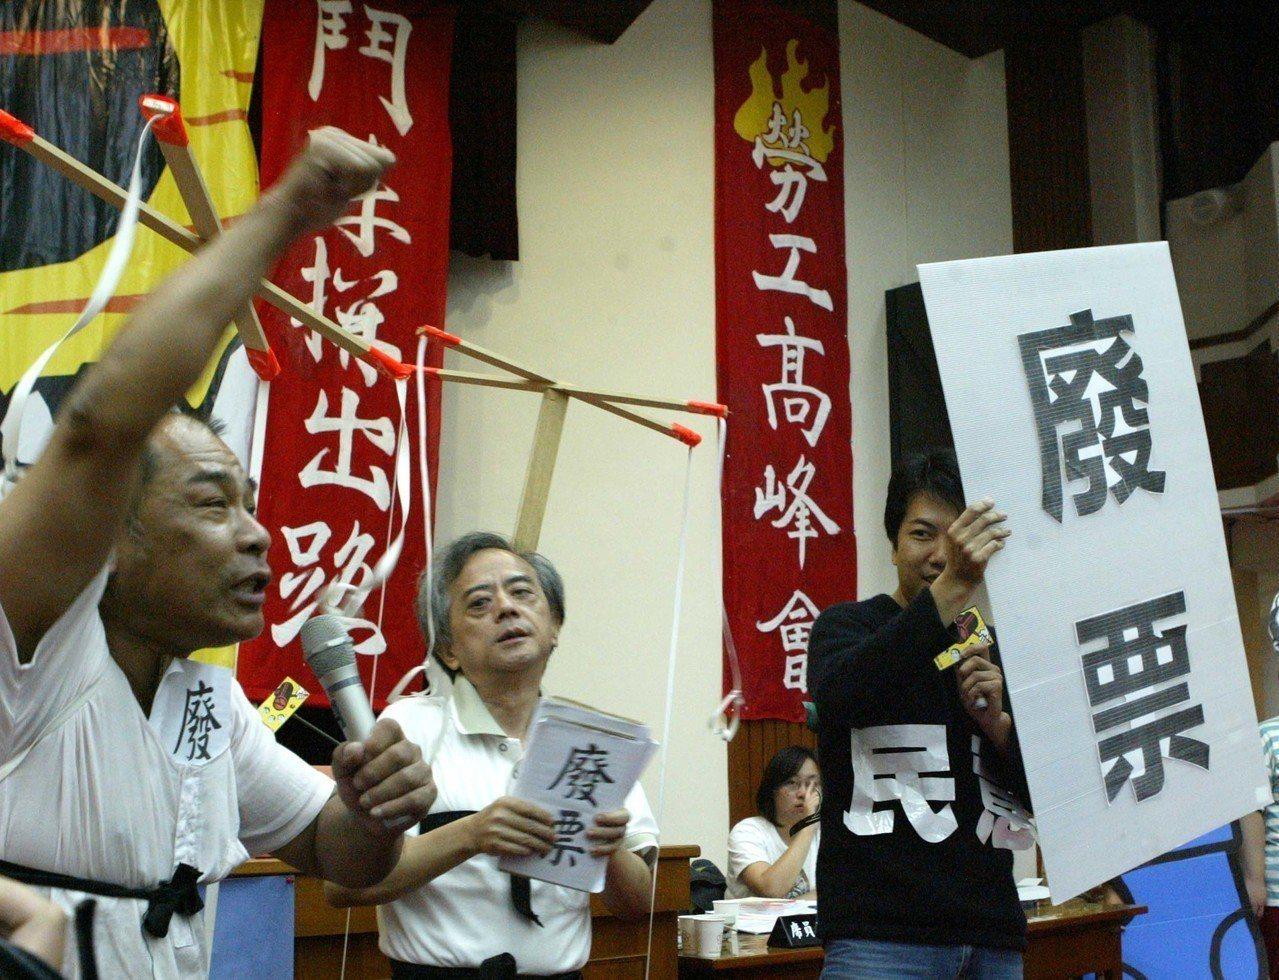 工運人士認為,台灣人民不是只能在兩粒爛蘋果中選一個而已。 圖/聯合報系資料照片